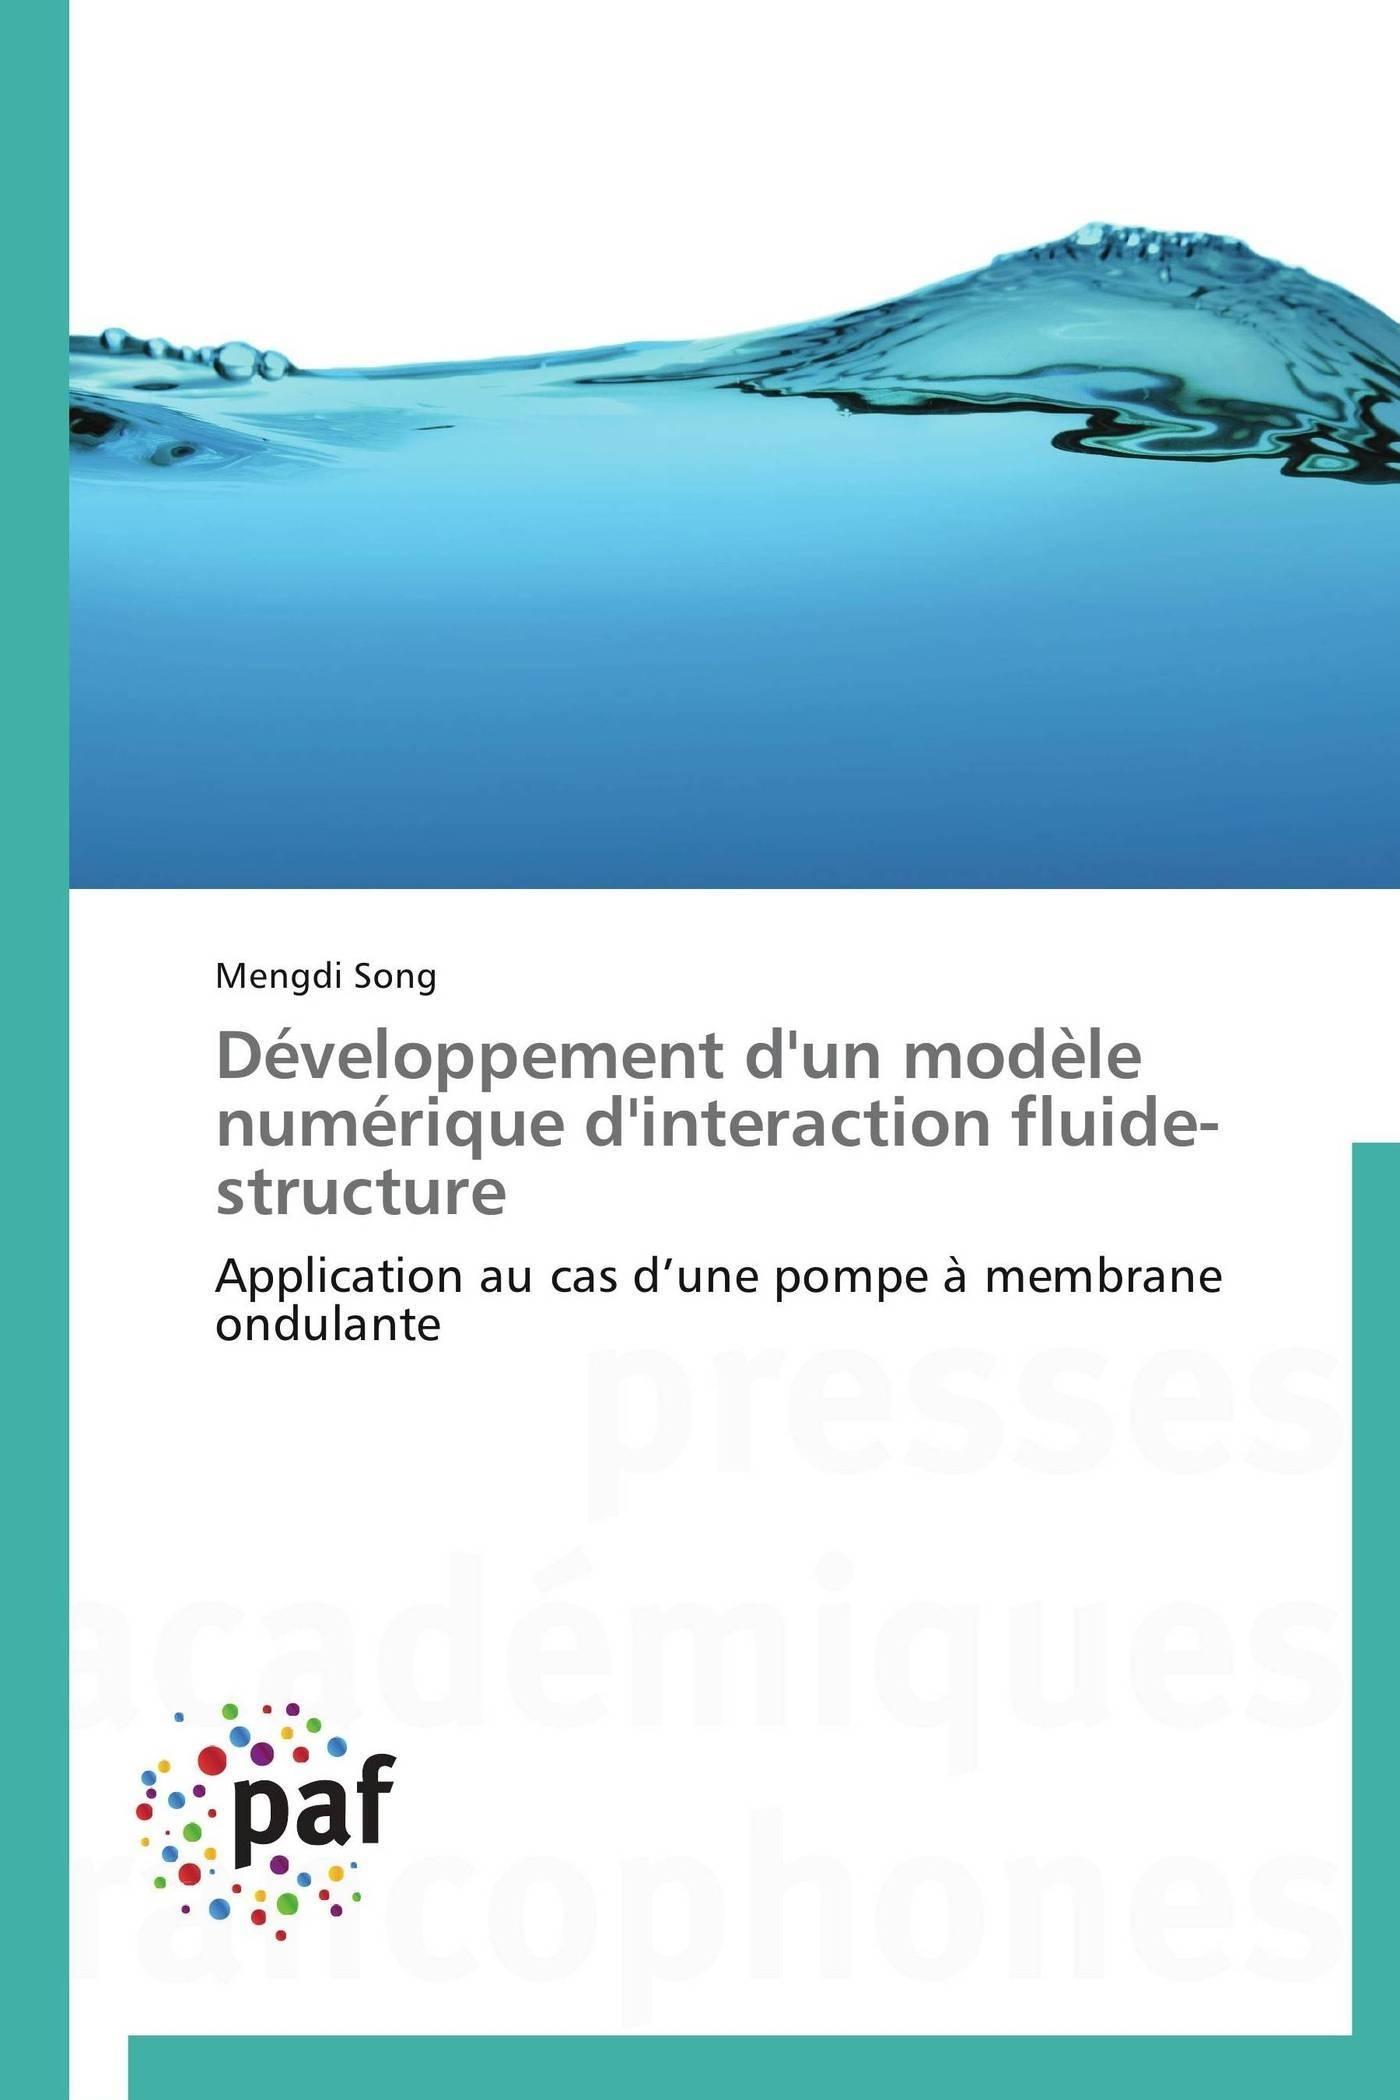 DEVELOPPEMENT D'UN MODELE NUMERIQUE D'INTERACTION FLUIDE-STRUCTURE